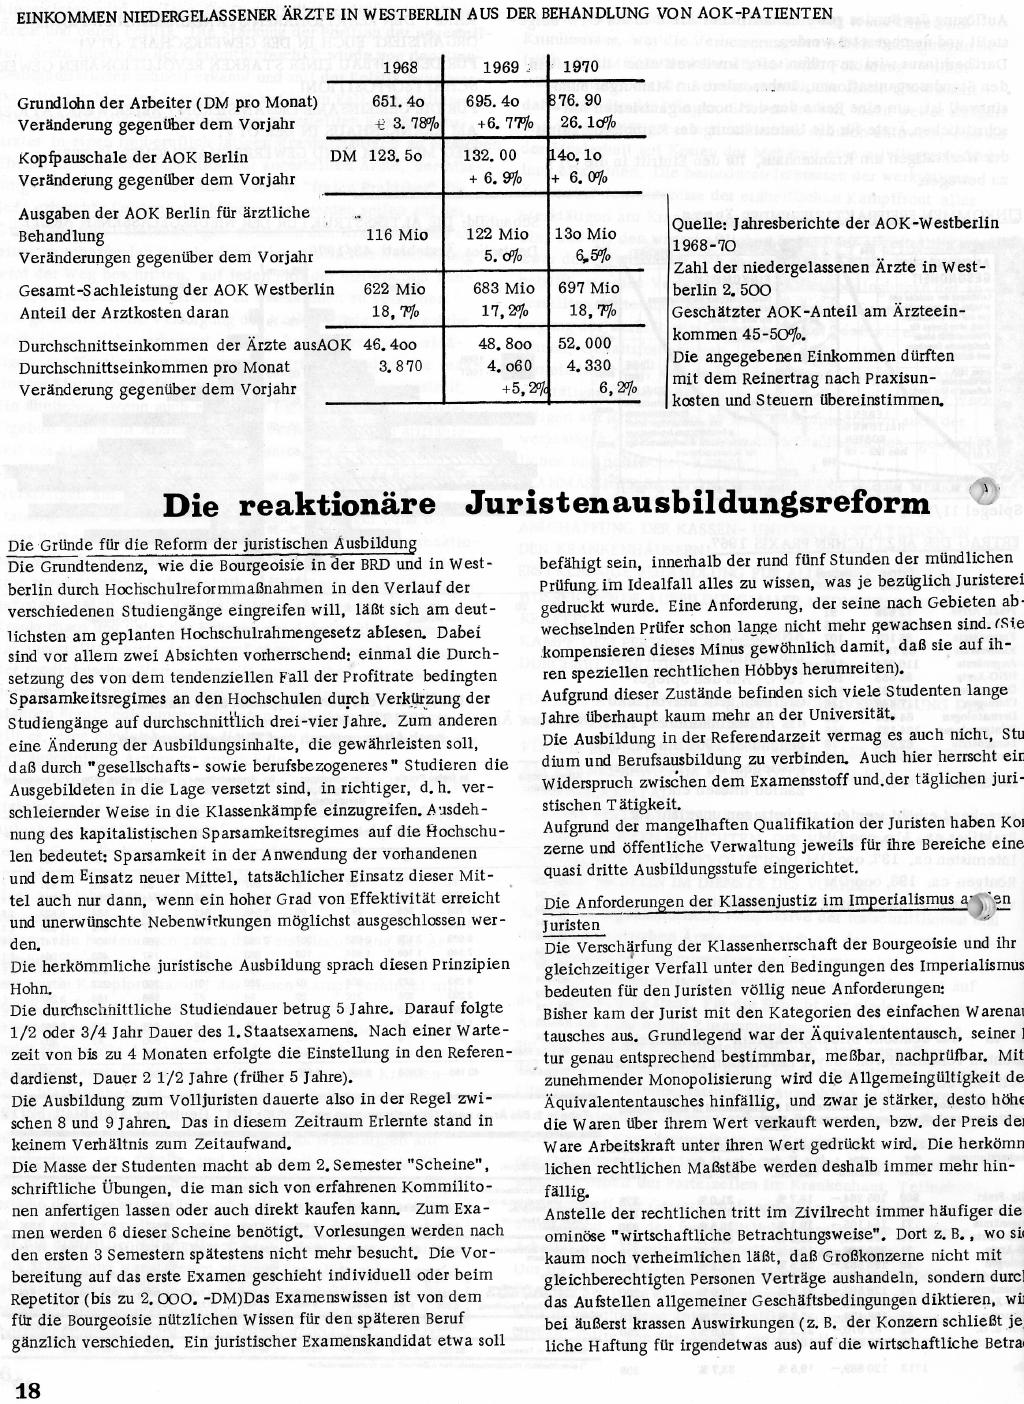 RPK_1972_178_179_18